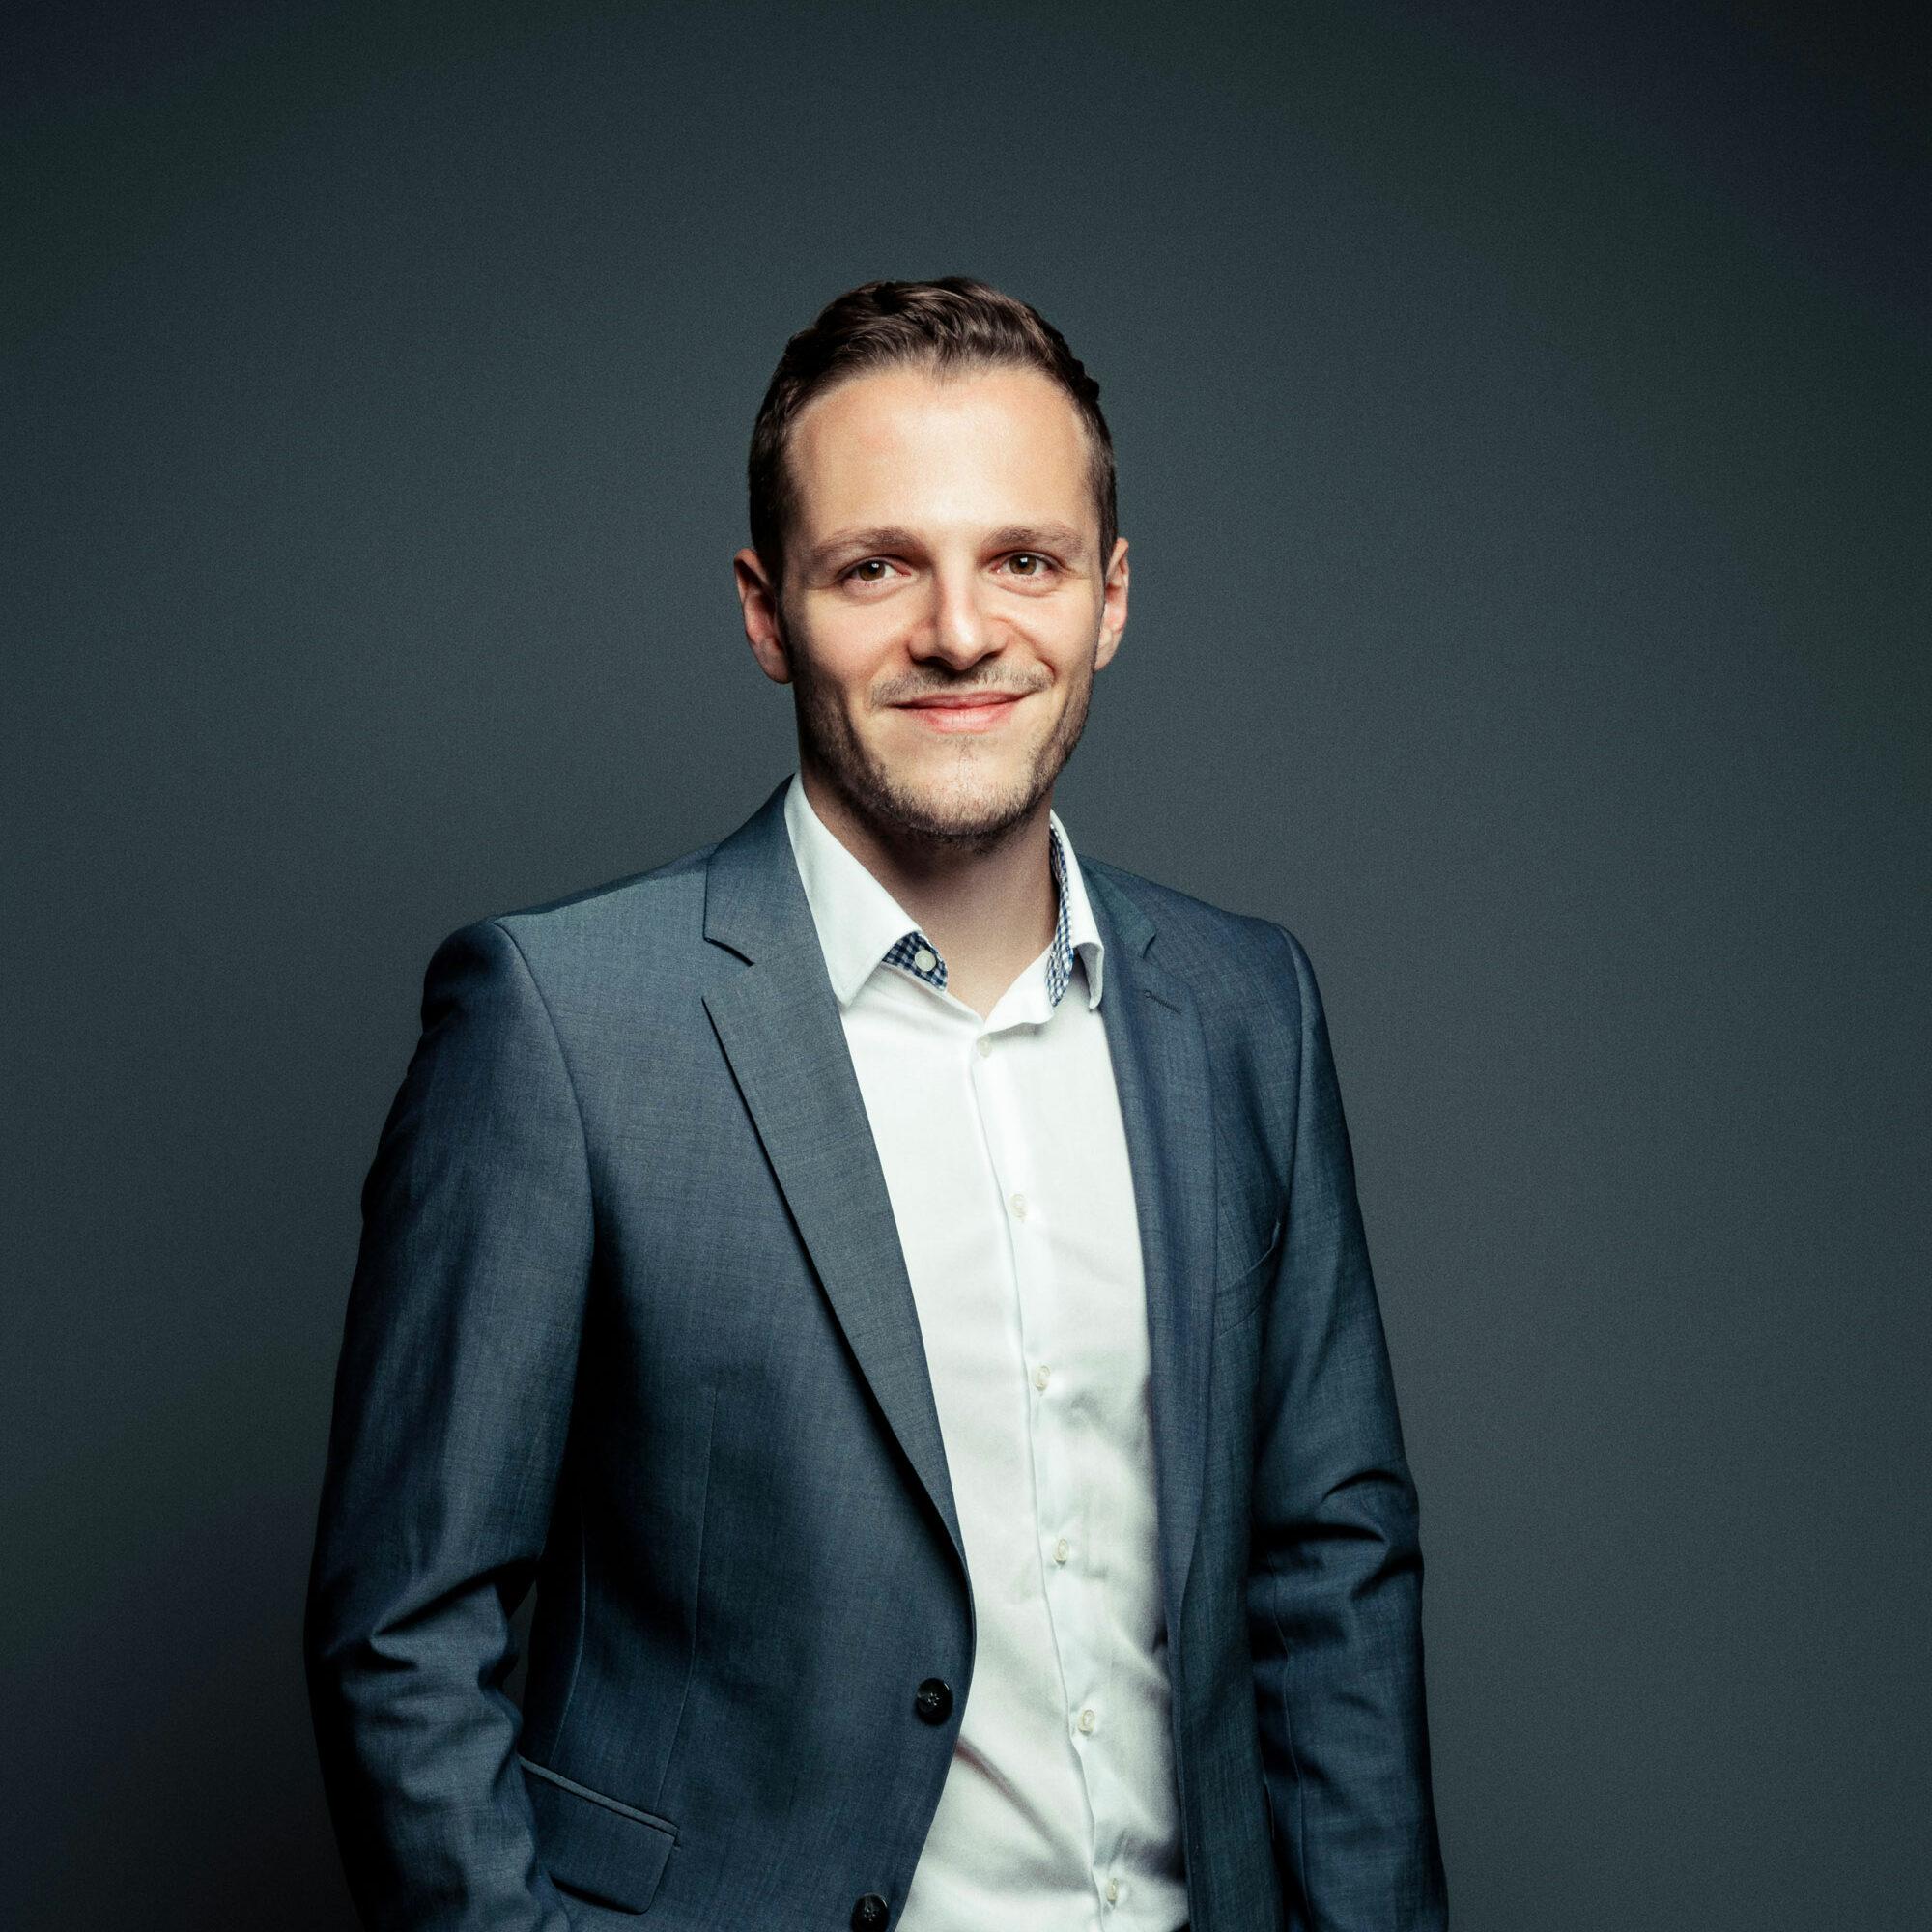 Matthias Gmeiner - Werbeagentur - Branddesign, Werbekonzept, Grafikdesign & Screendesign,Webdesign &Webentwicklung,Weiterbildung &Coaching aus Vorarlberg Lustenau